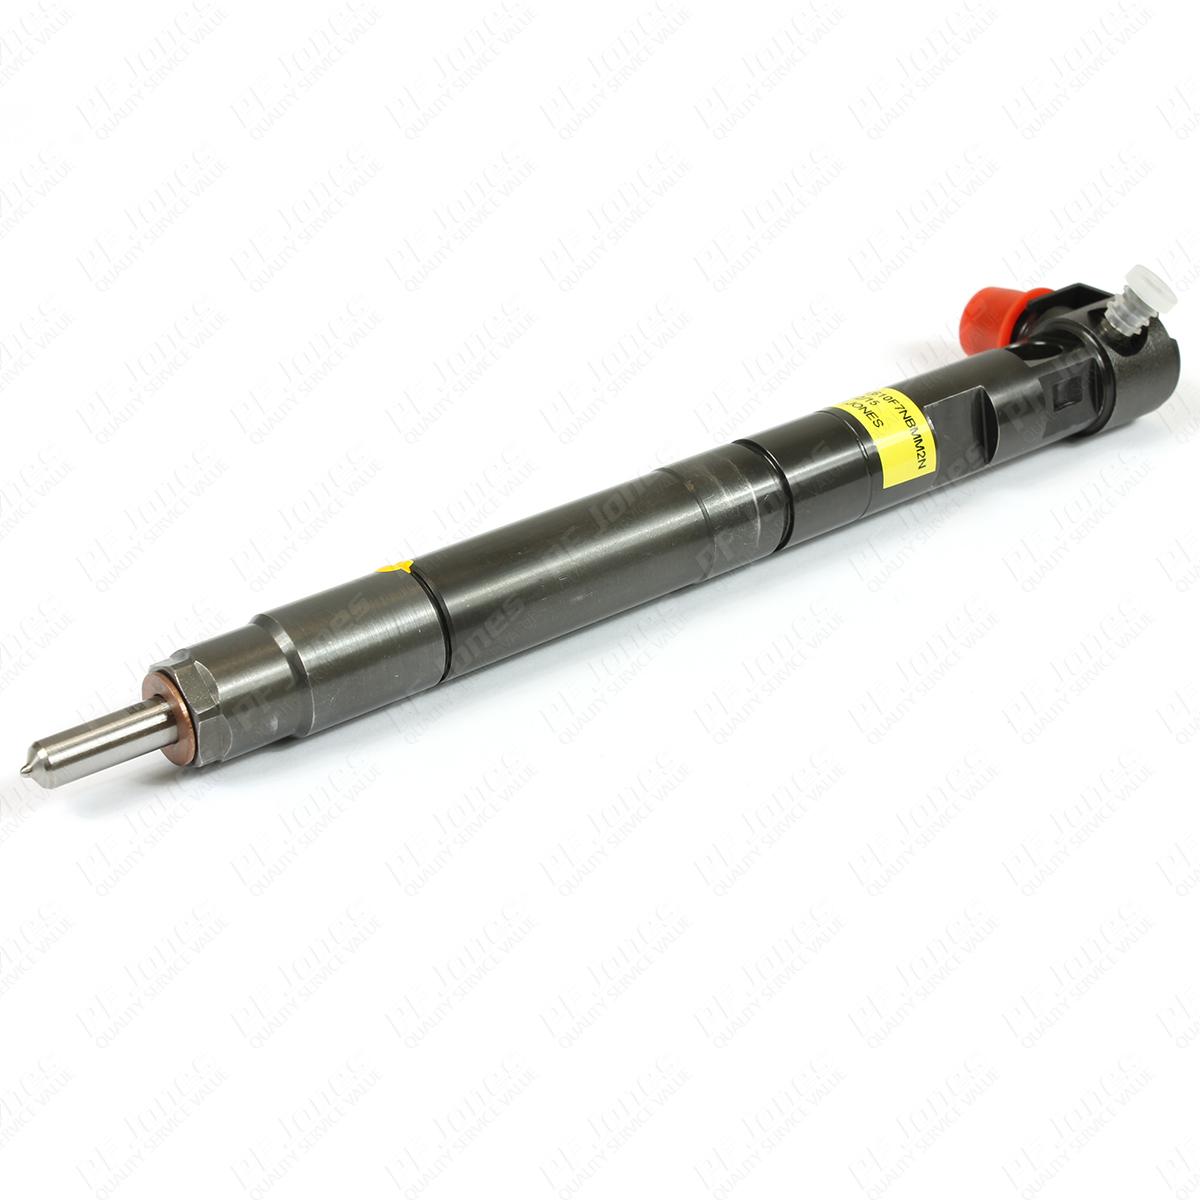 หัวฉีดน้ำมันเชื้อเพลิง Hyundai H-1, Grand Starex / Fuel Injectors, 28229873, 33800-4A710